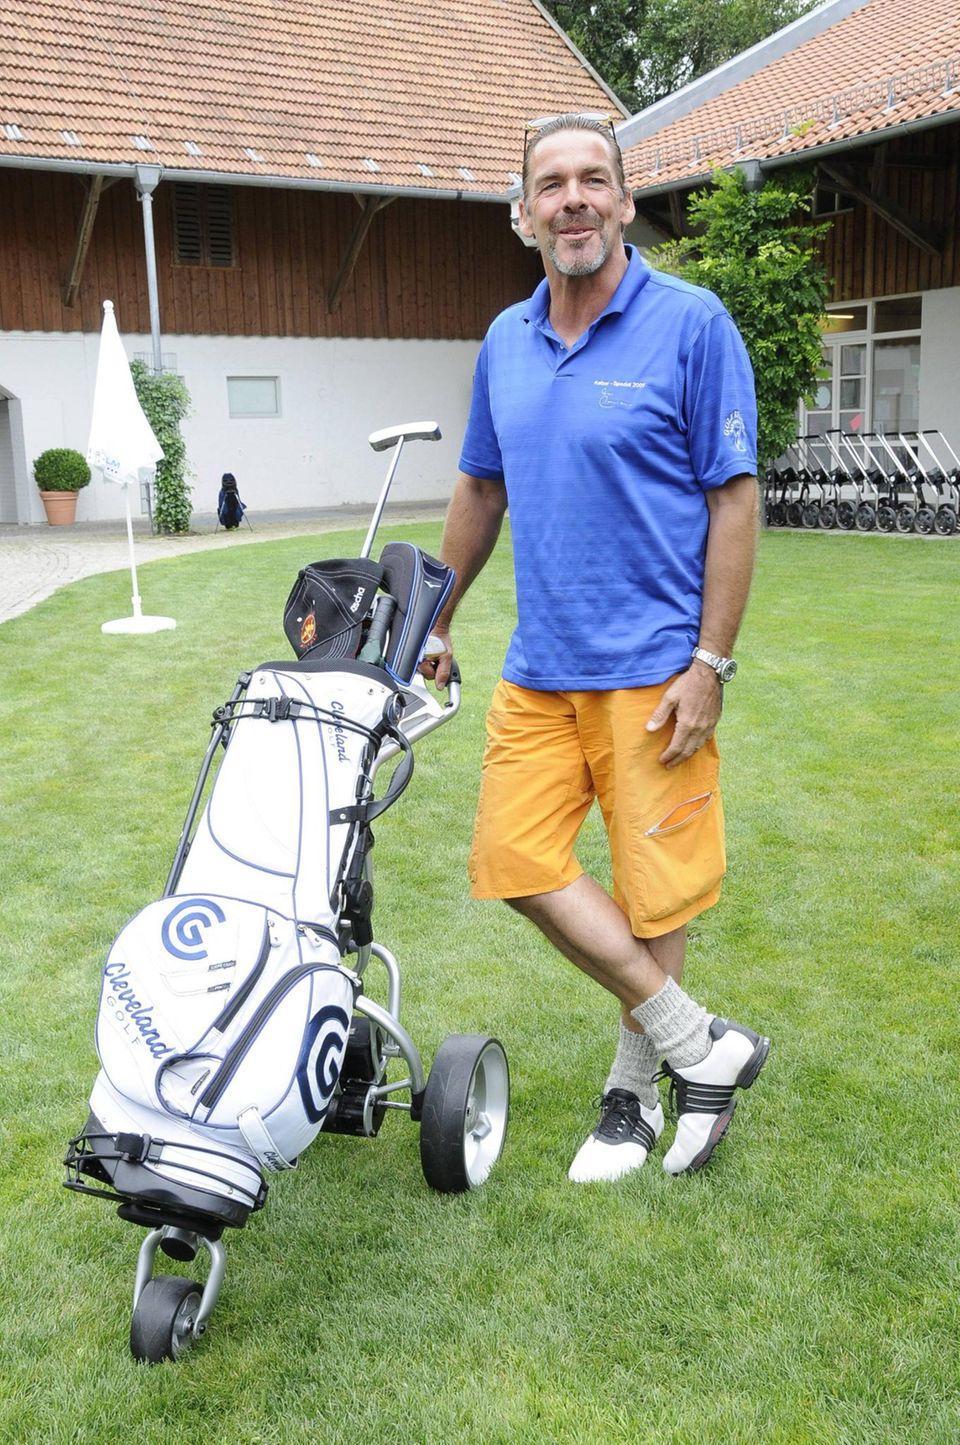 Statt auf TV-Visite sieht man Sascha Hehn jahrelang eher auf dem Golfplatz, wo er gekonnt zum Putter greift und das auch für den guten Zweck.